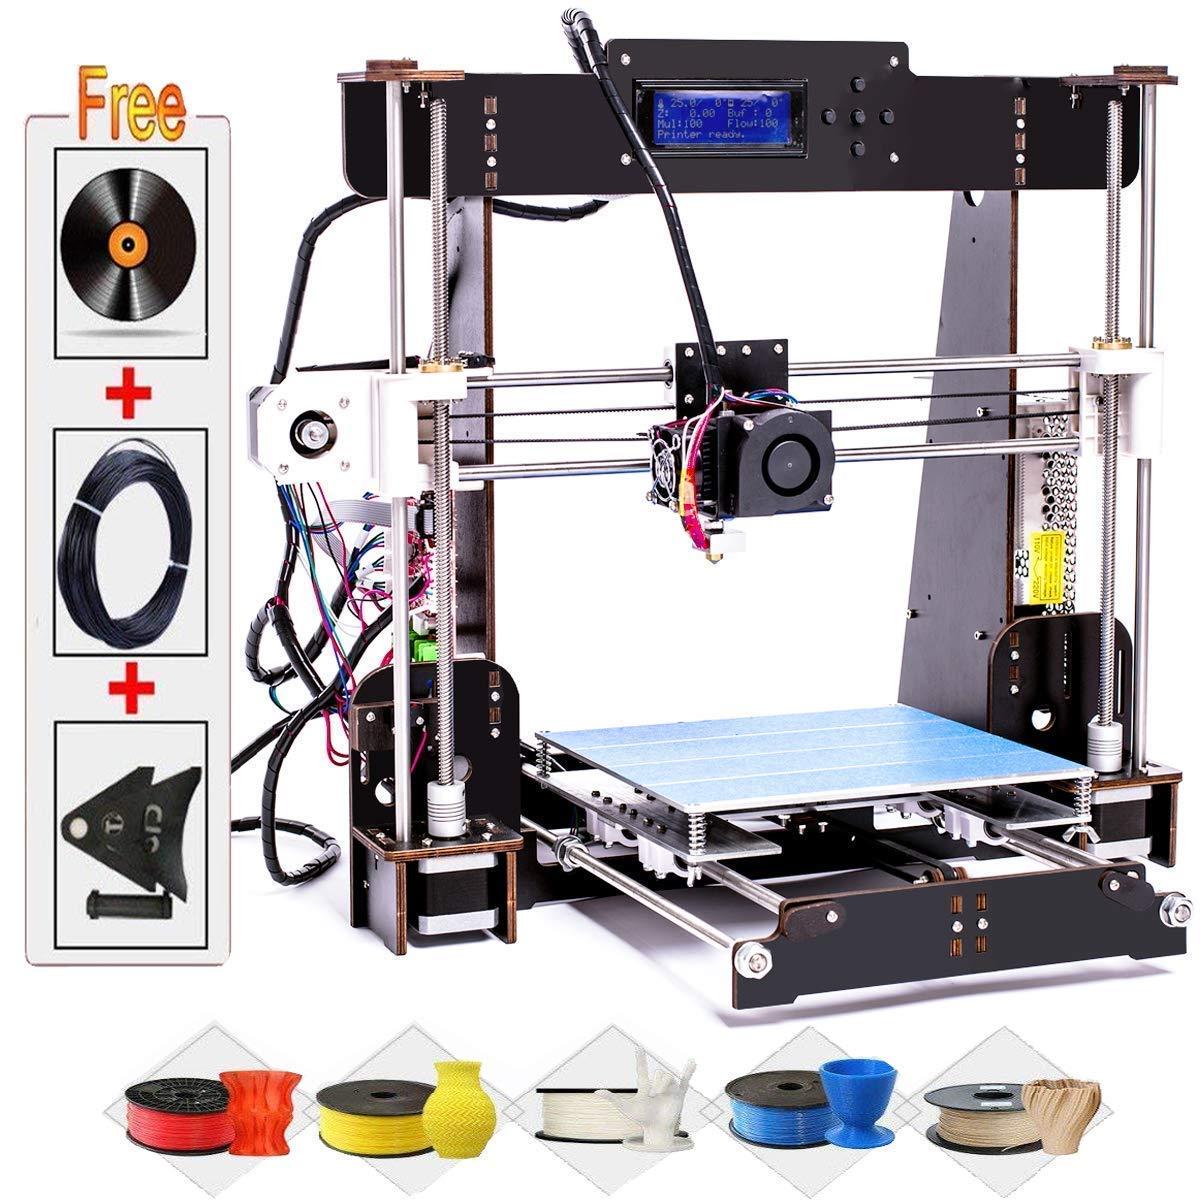 Impresoras 3D, Abcs Printing A8 Impresora 3D Pantalla LCD ...